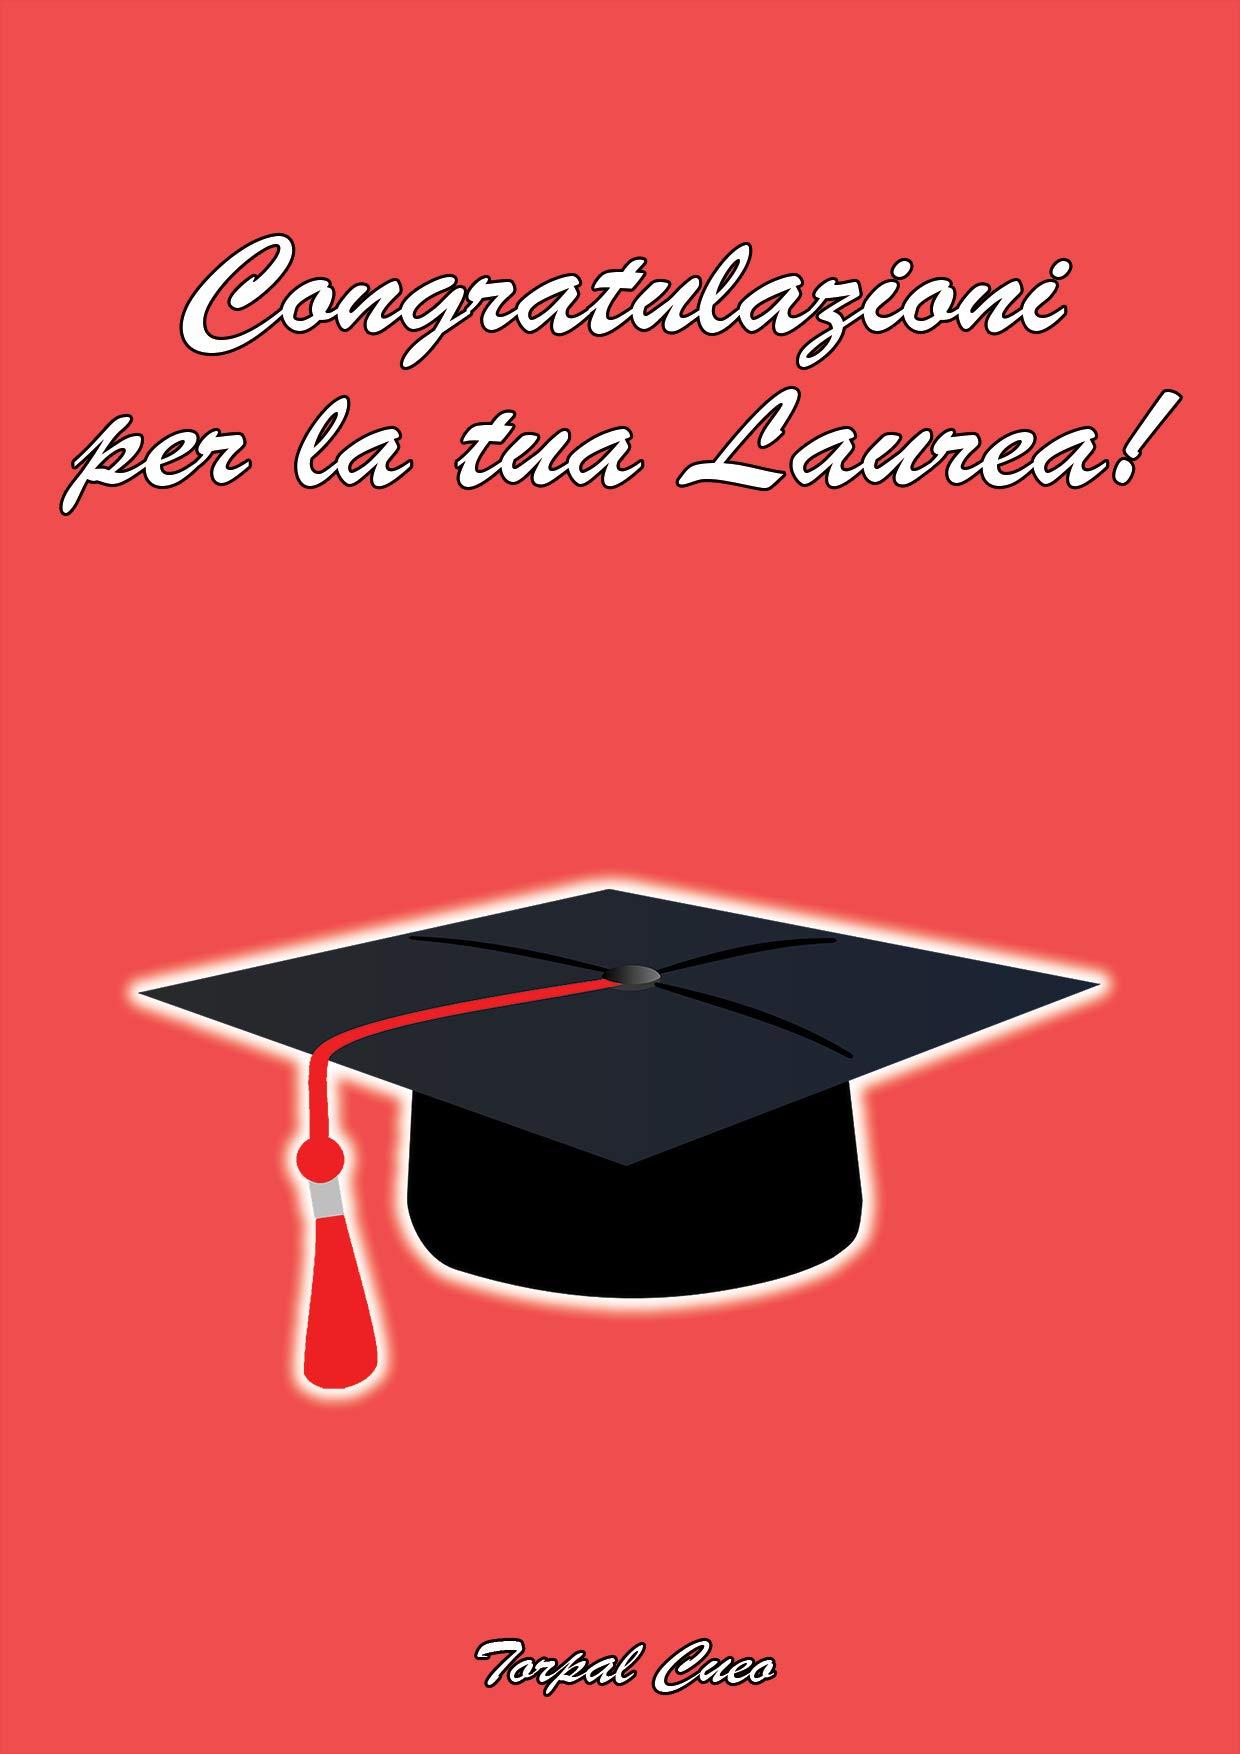 ec0c7419e6 Congratulazioni per la tua Laurea!: LIBRO e BIGLIETTO DI AUGURI simpatico  per laureato.